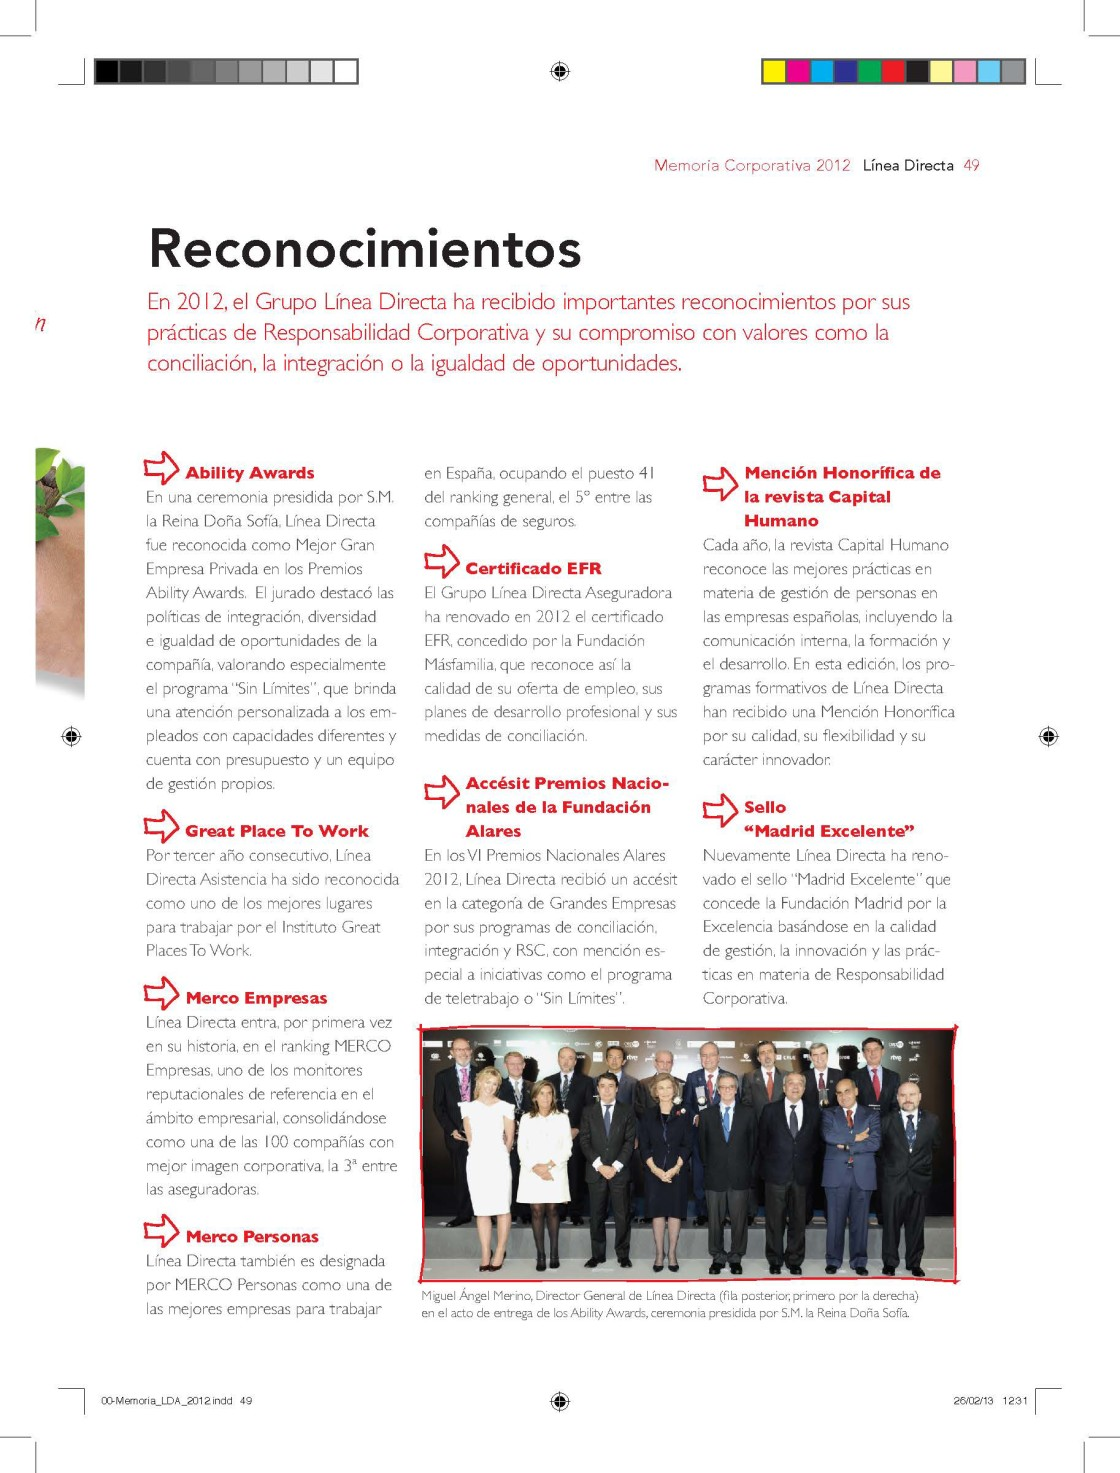 Memoria_LDA_2012_Page_49